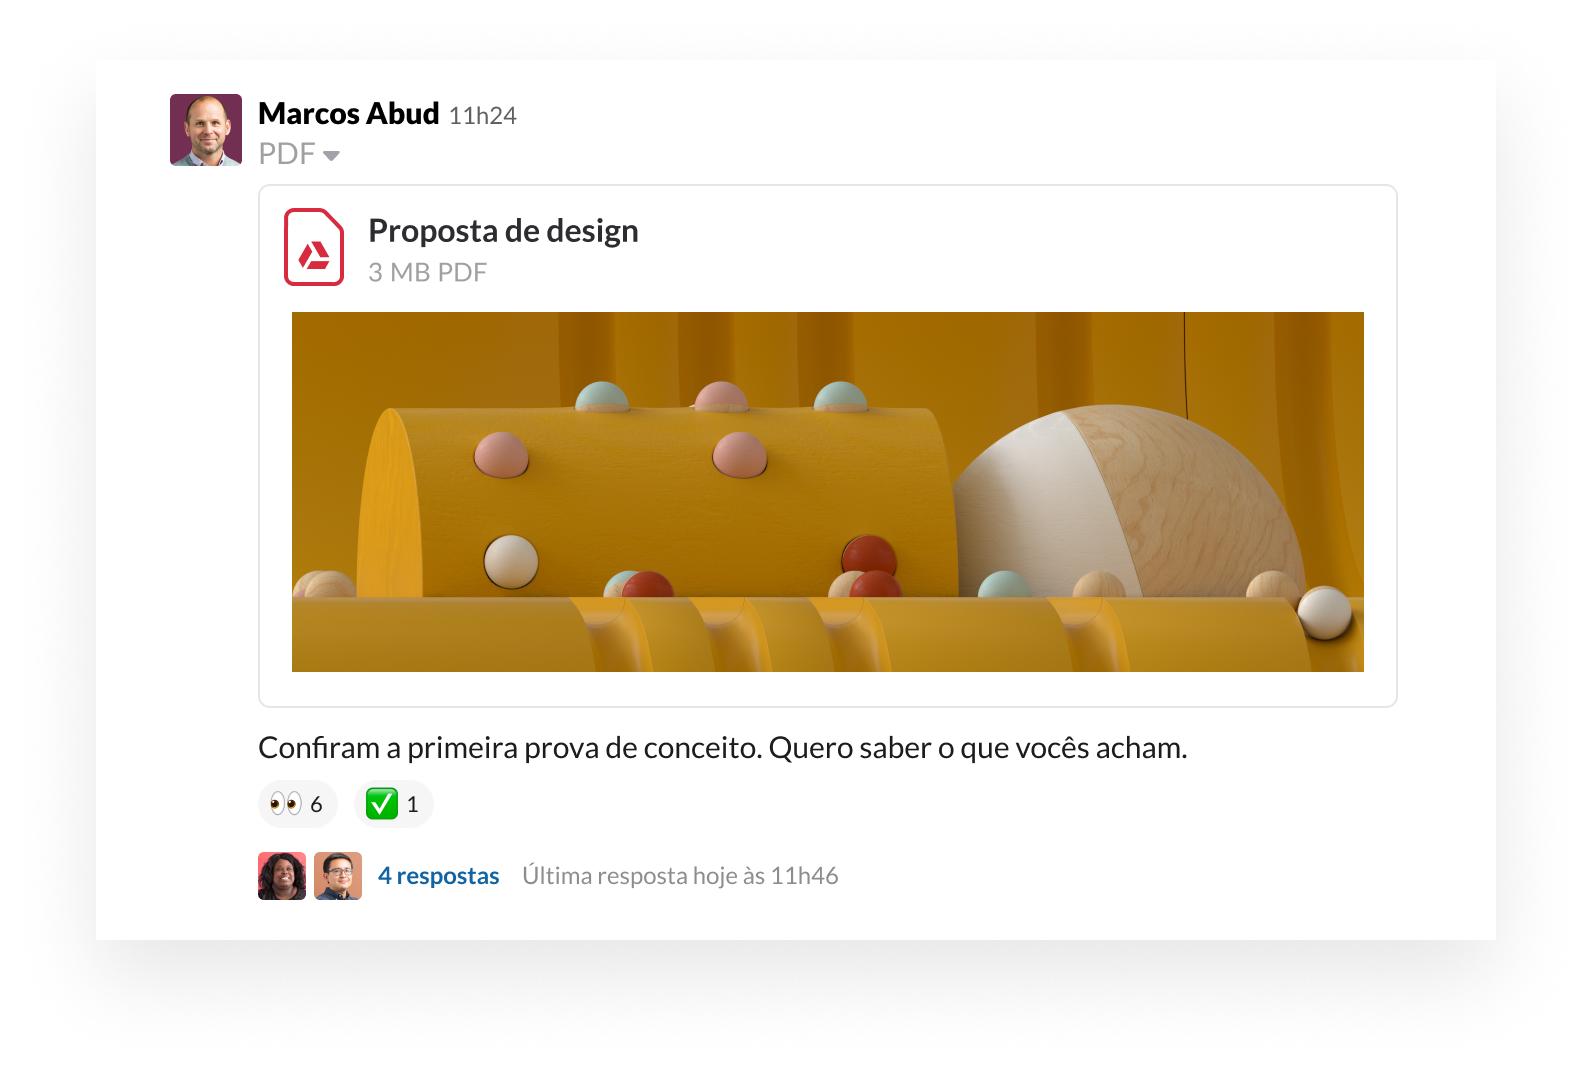 IU de produto do Slack mostrando como compartilhar um arquivo e dar feedback